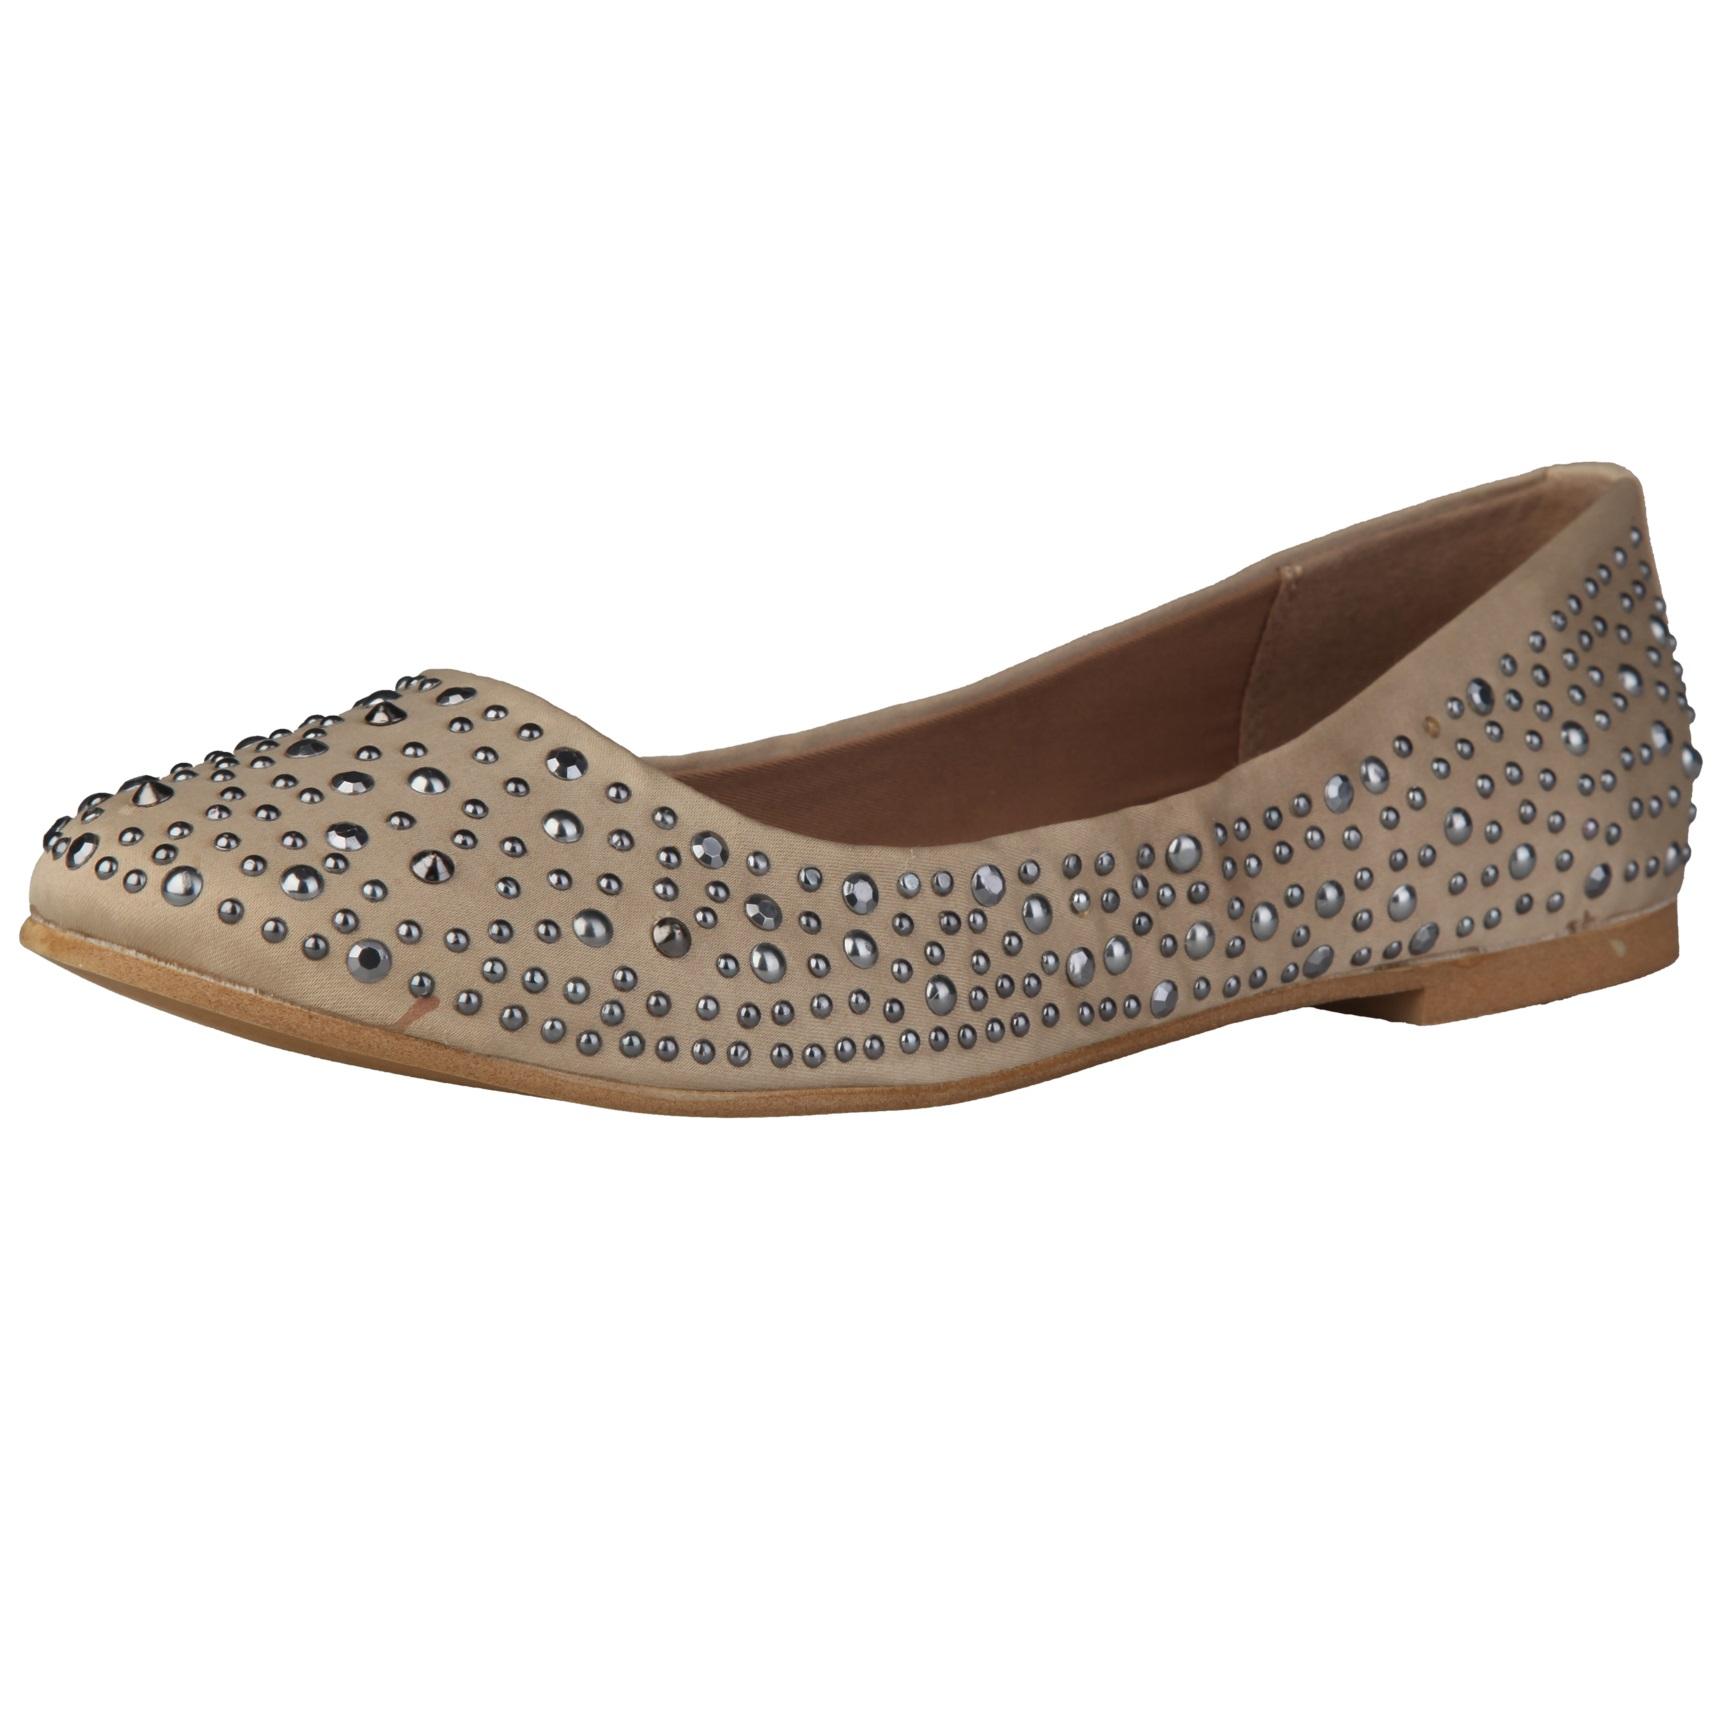 Sofia Loes Flat Shoes Champagne Rf600153